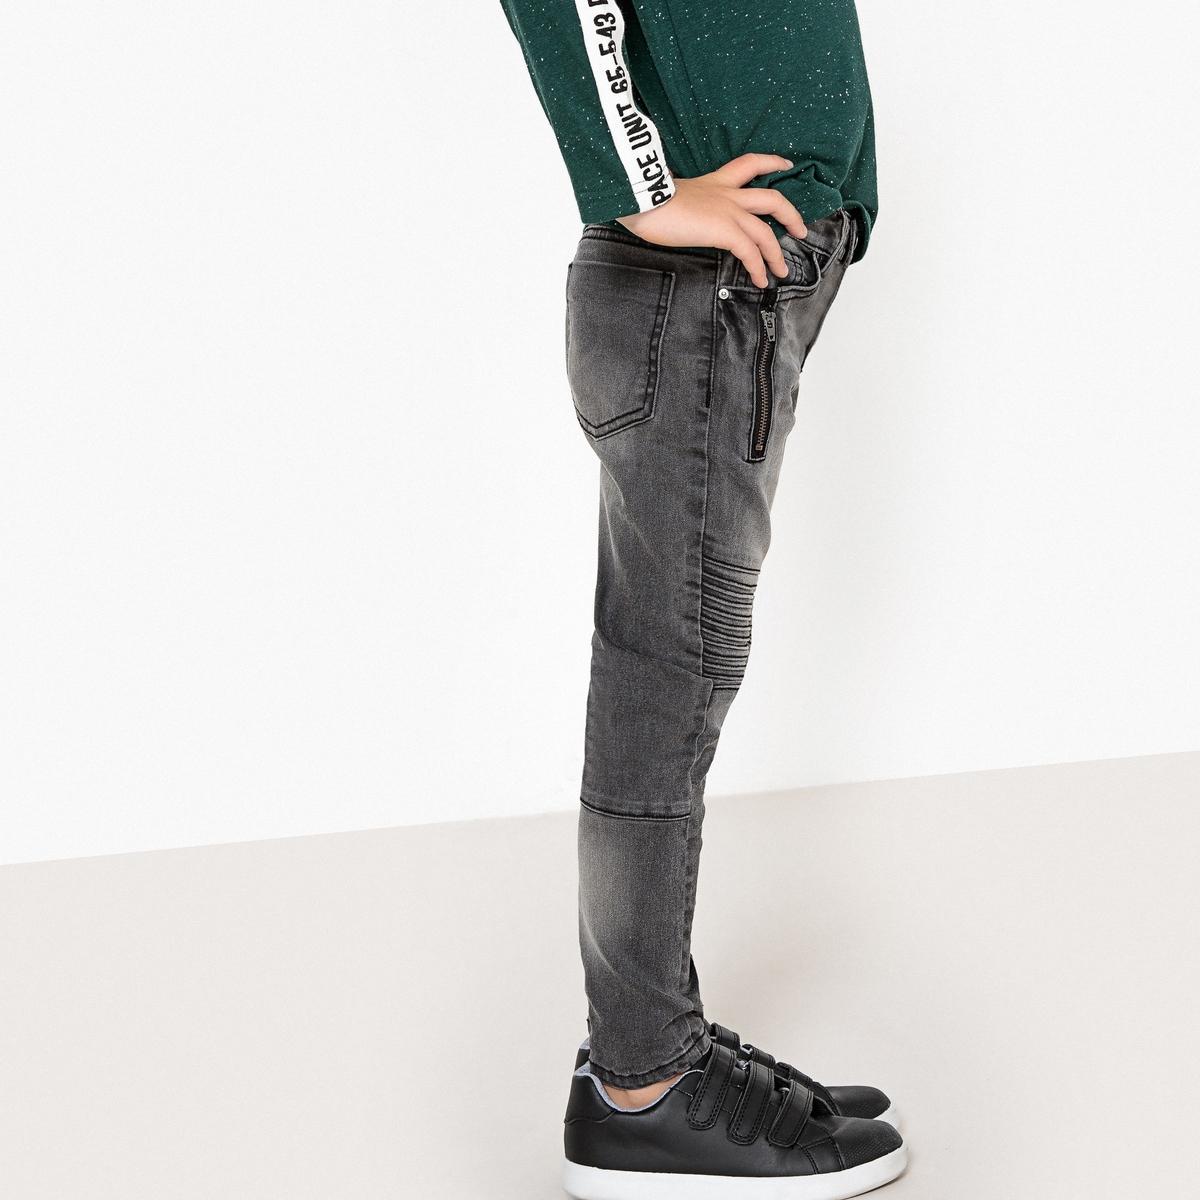 Джинсы узкие с разрезами на коленях, 3-12 лет джинсы бойфренд 3 14 лет